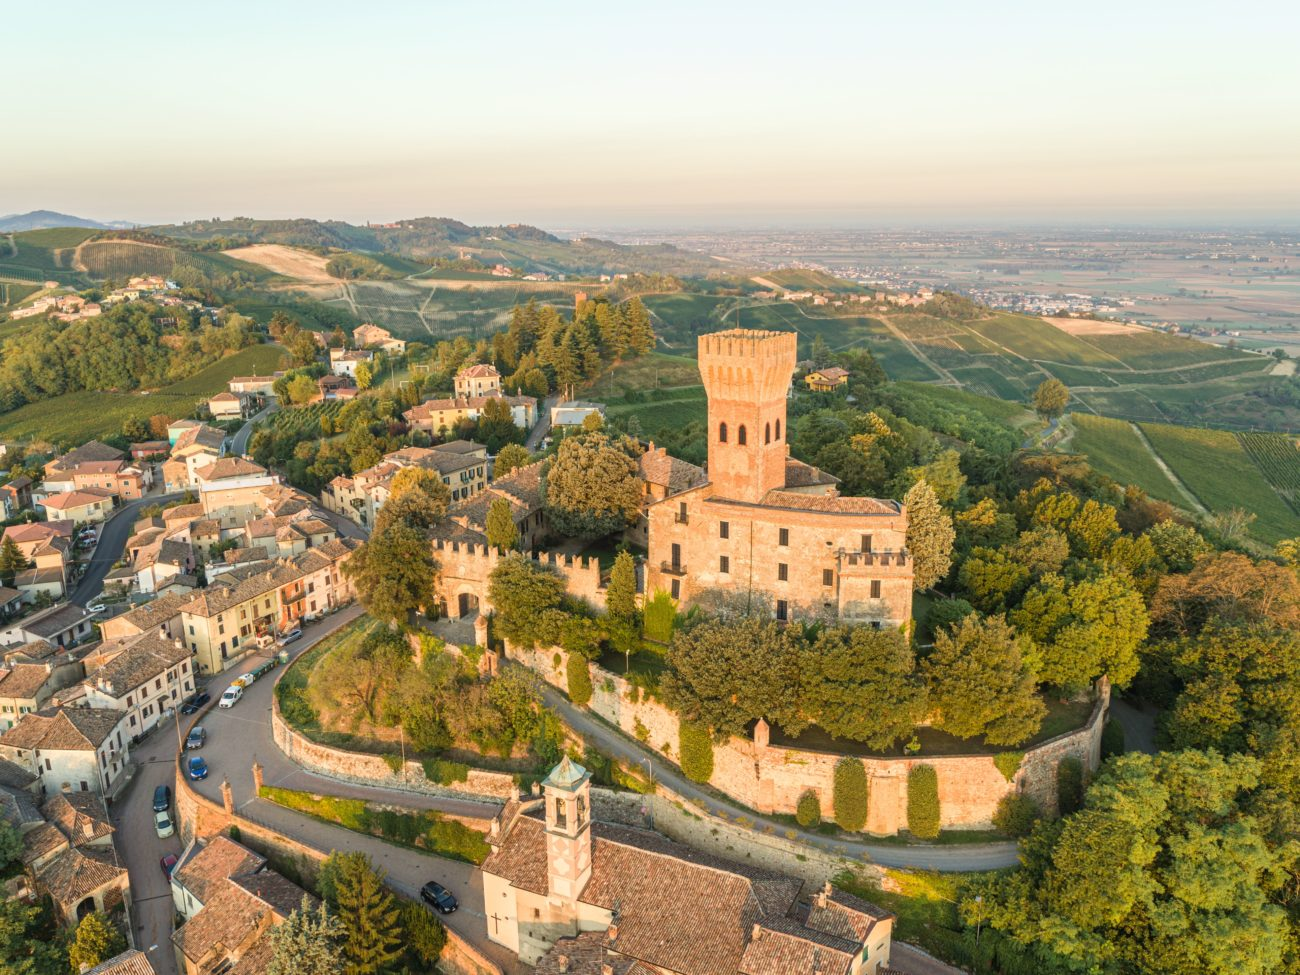 Castello-di-Cigognola-oltrepo-pavese